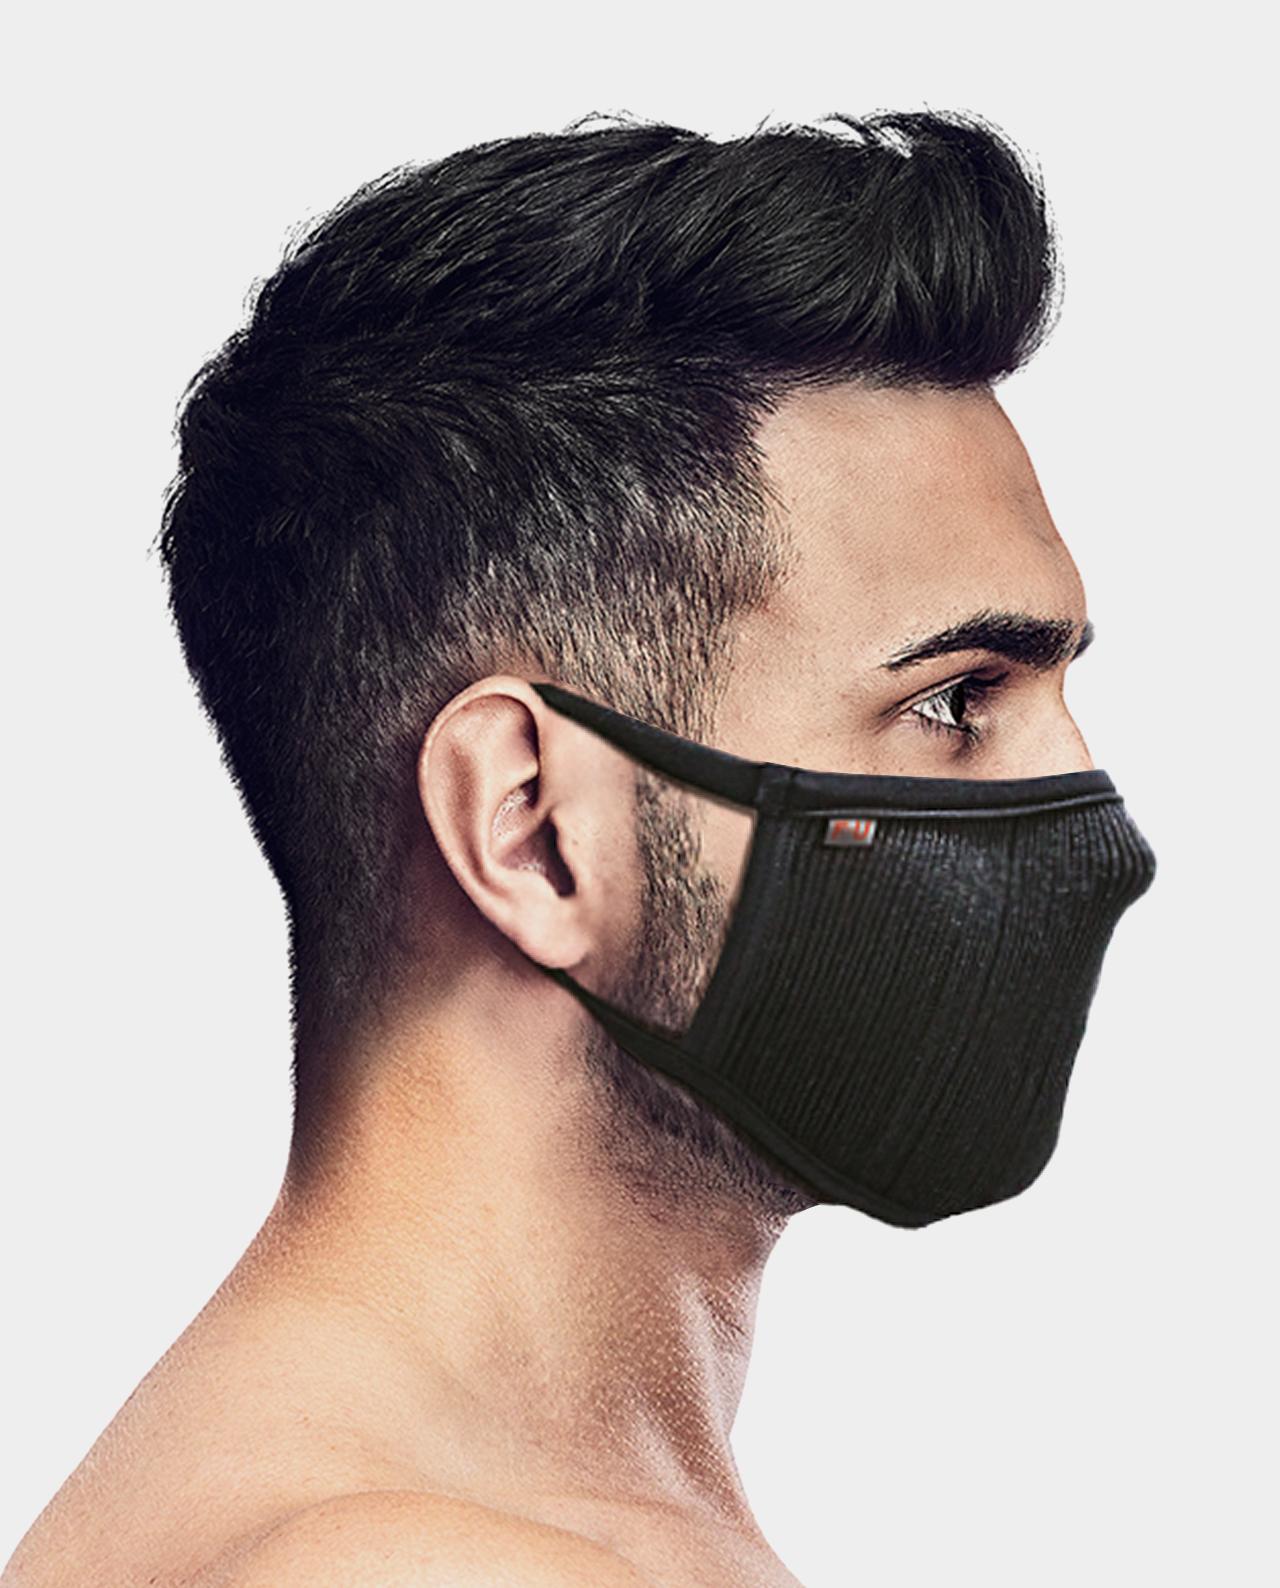 Masca pentru sportivi Naroo FU+ cu filtrare particule Negru imagine